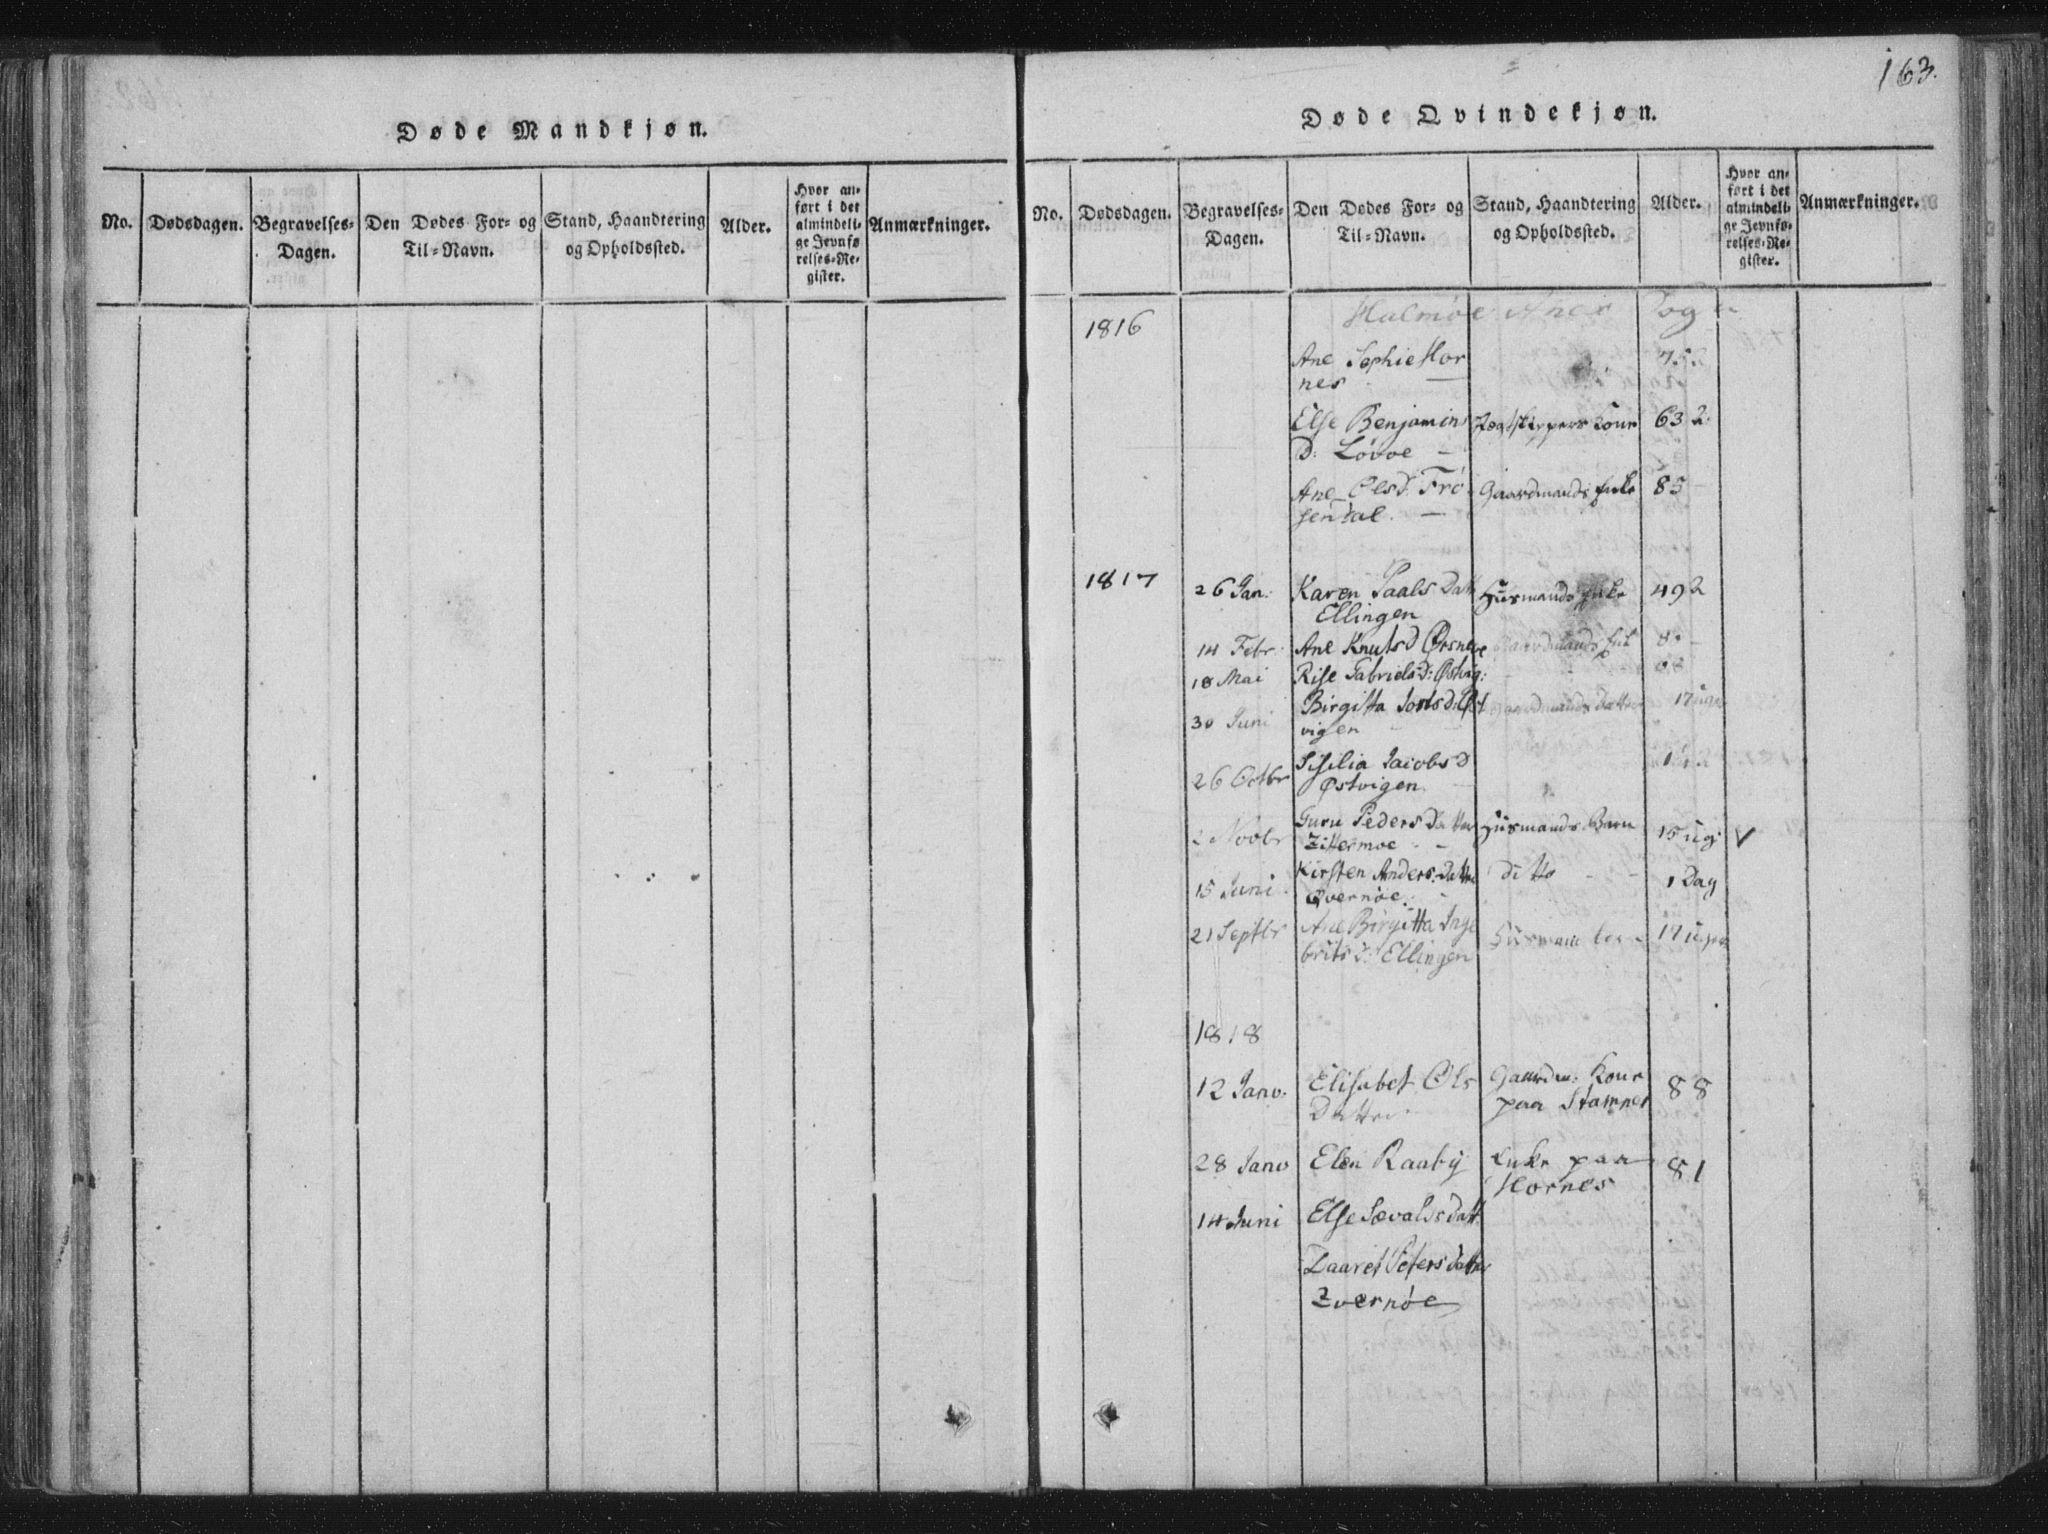 SAT, Ministerialprotokoller, klokkerbøker og fødselsregistre - Nord-Trøndelag, 773/L0609: Ministerialbok nr. 773A03 /3, 1815-1830, s. 163